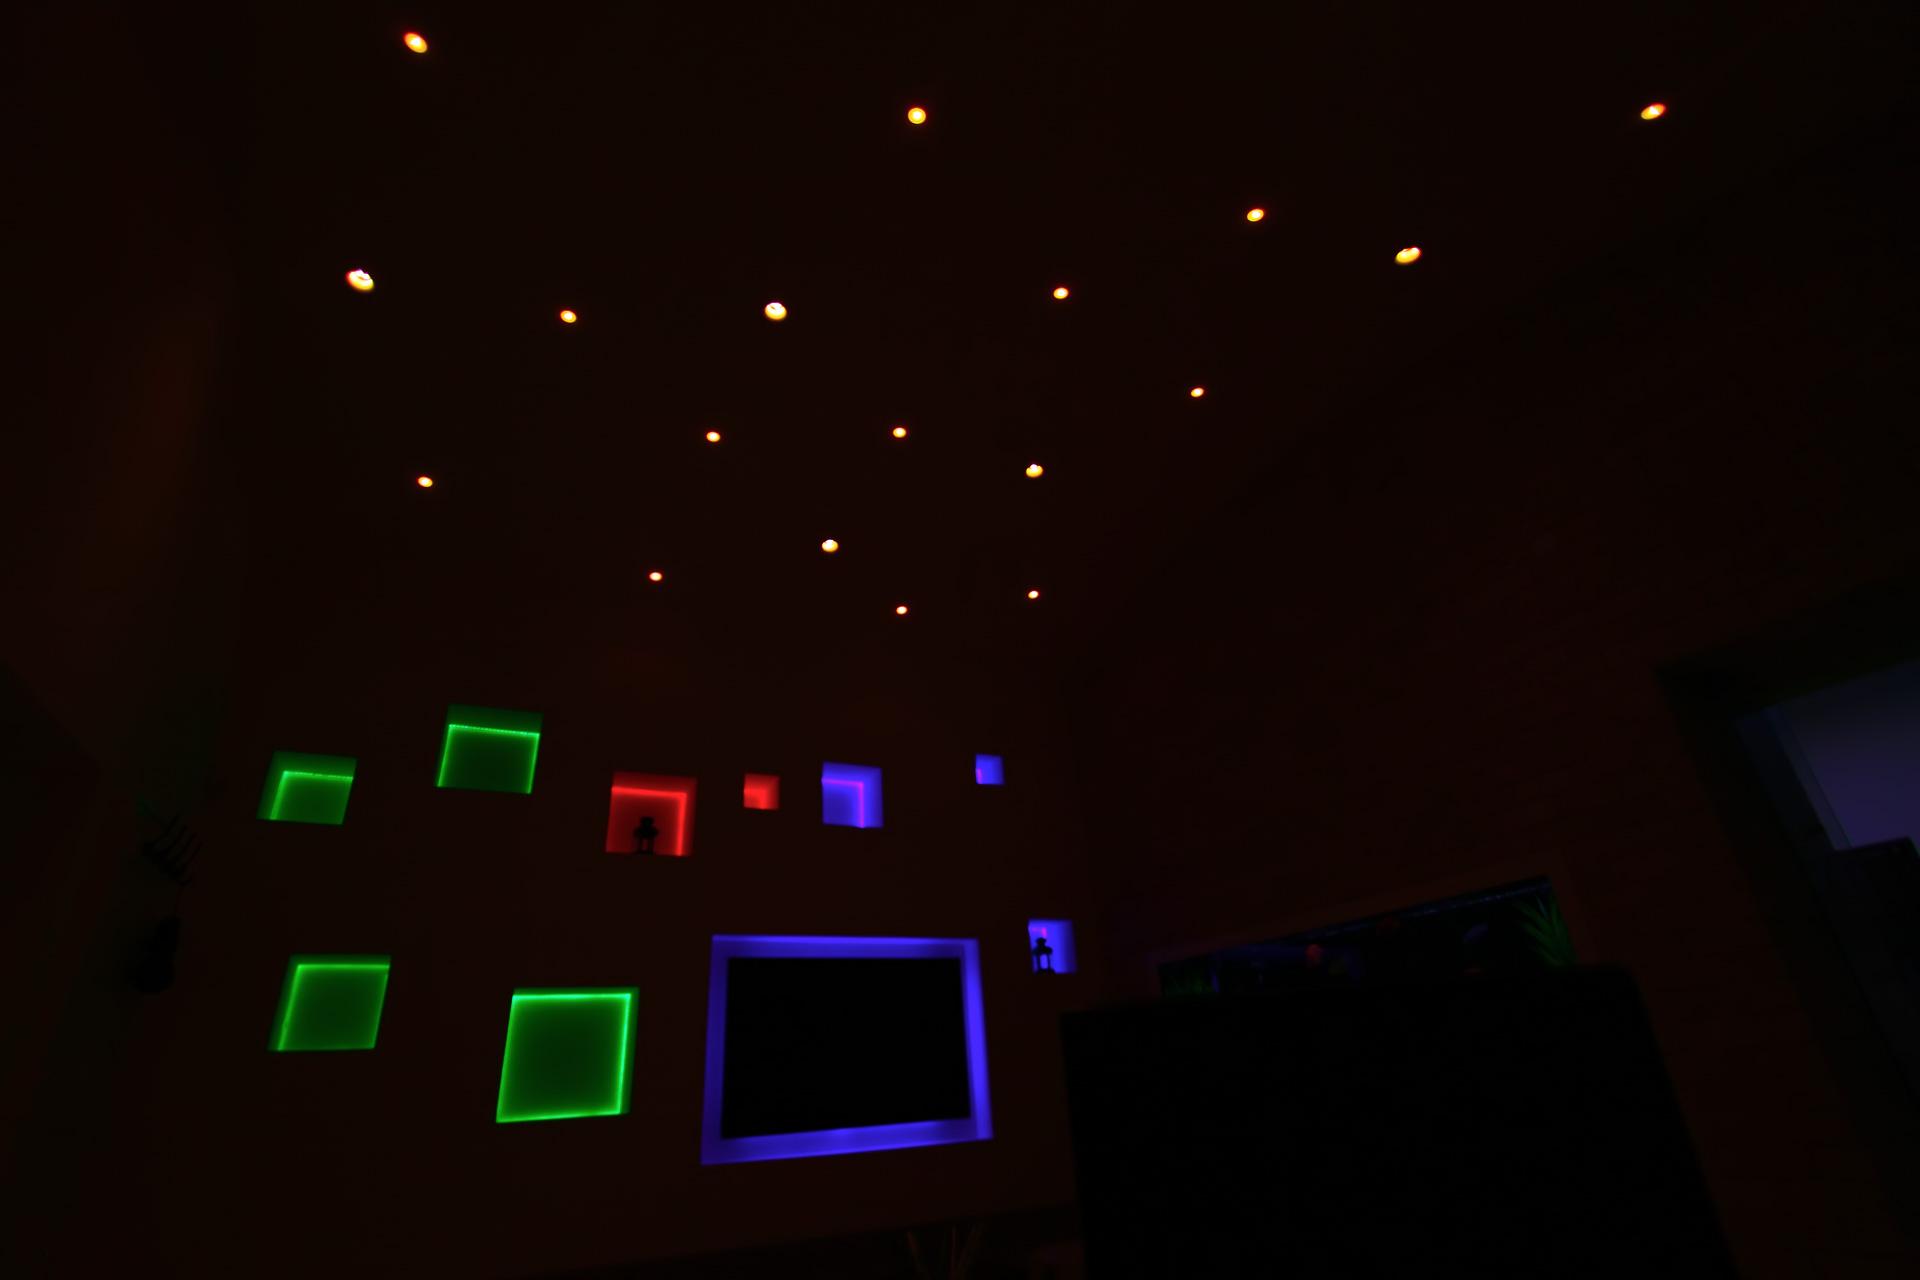 مكتبنا في الظلام